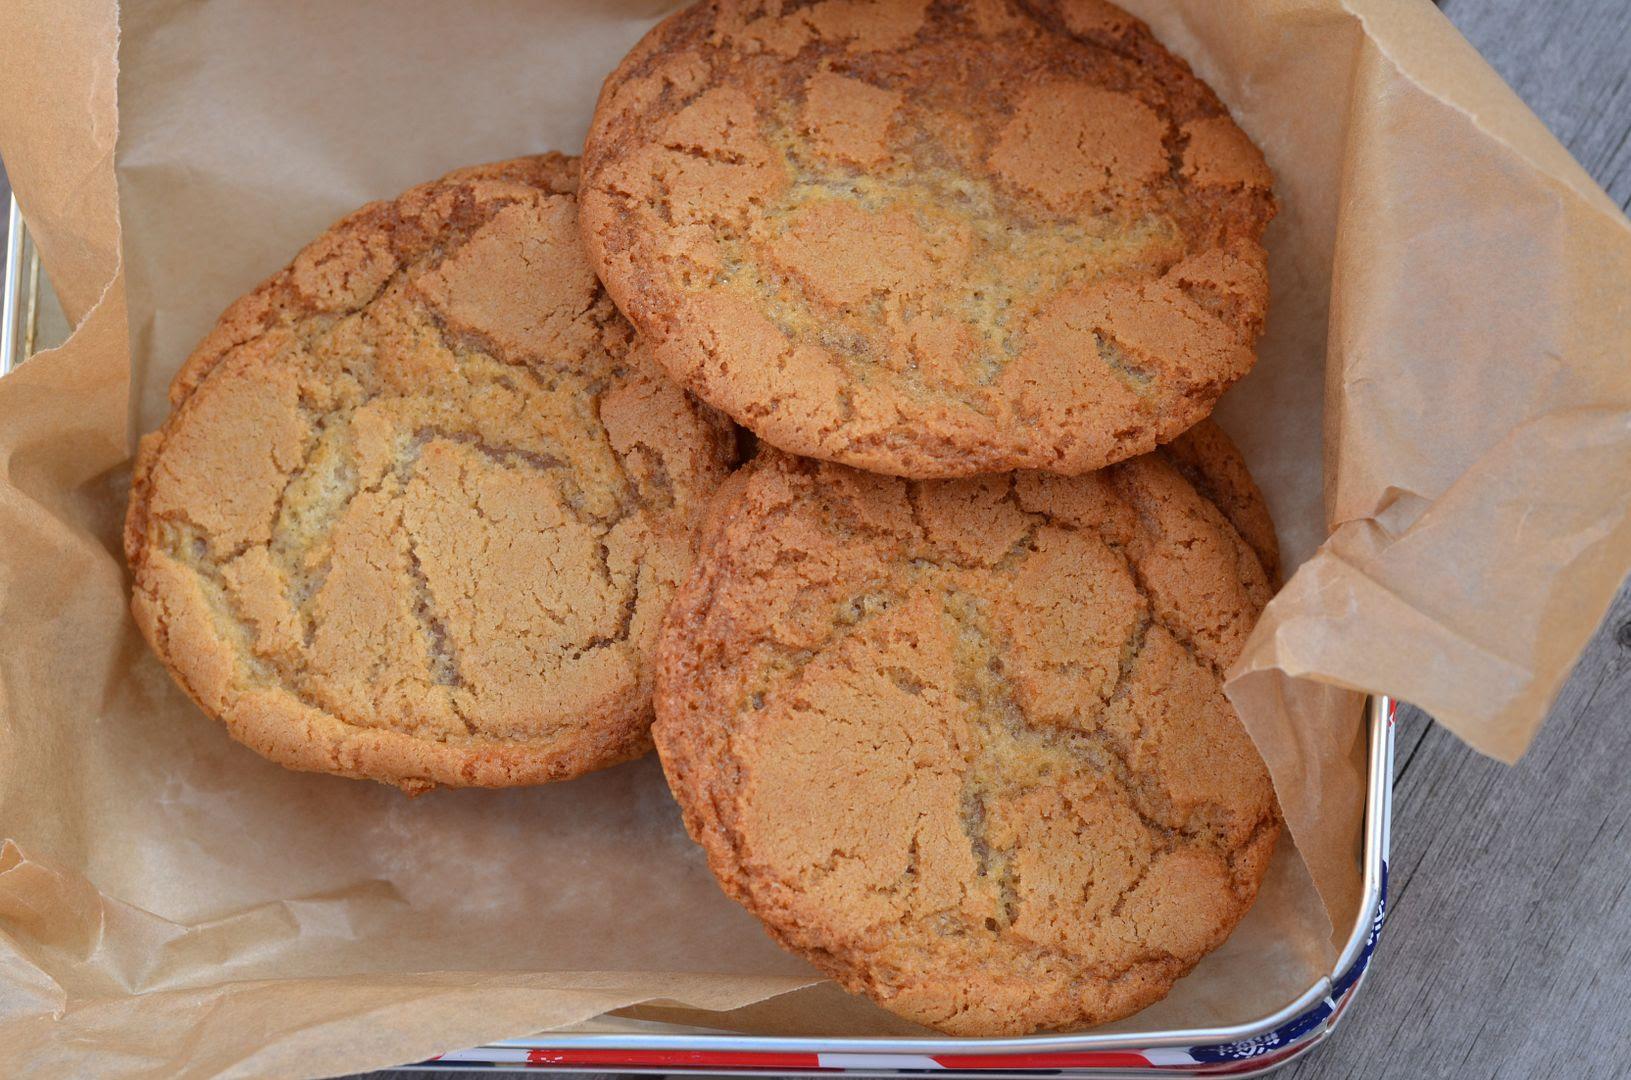 photo goldensyrupcookies2_zpsce8dd8af.jpg